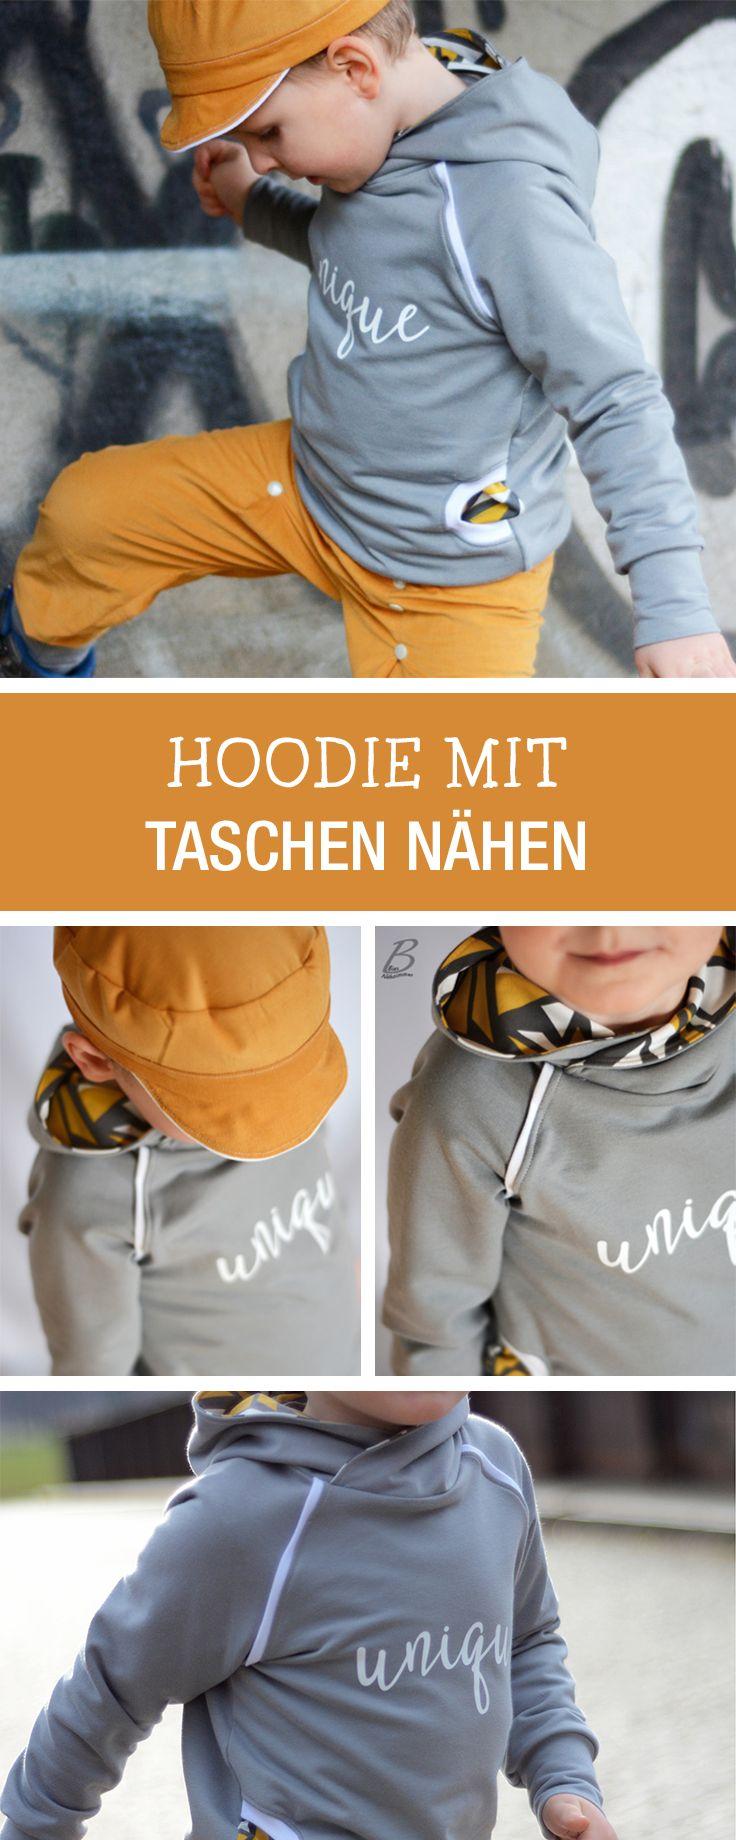 Kostenlose Nähanleitung und Schnittmuster für einen Hoodie mit Kapuze und Taschen / diy sewing tutorial and pattern: sewing a hoodie for kids via DaWanda.com